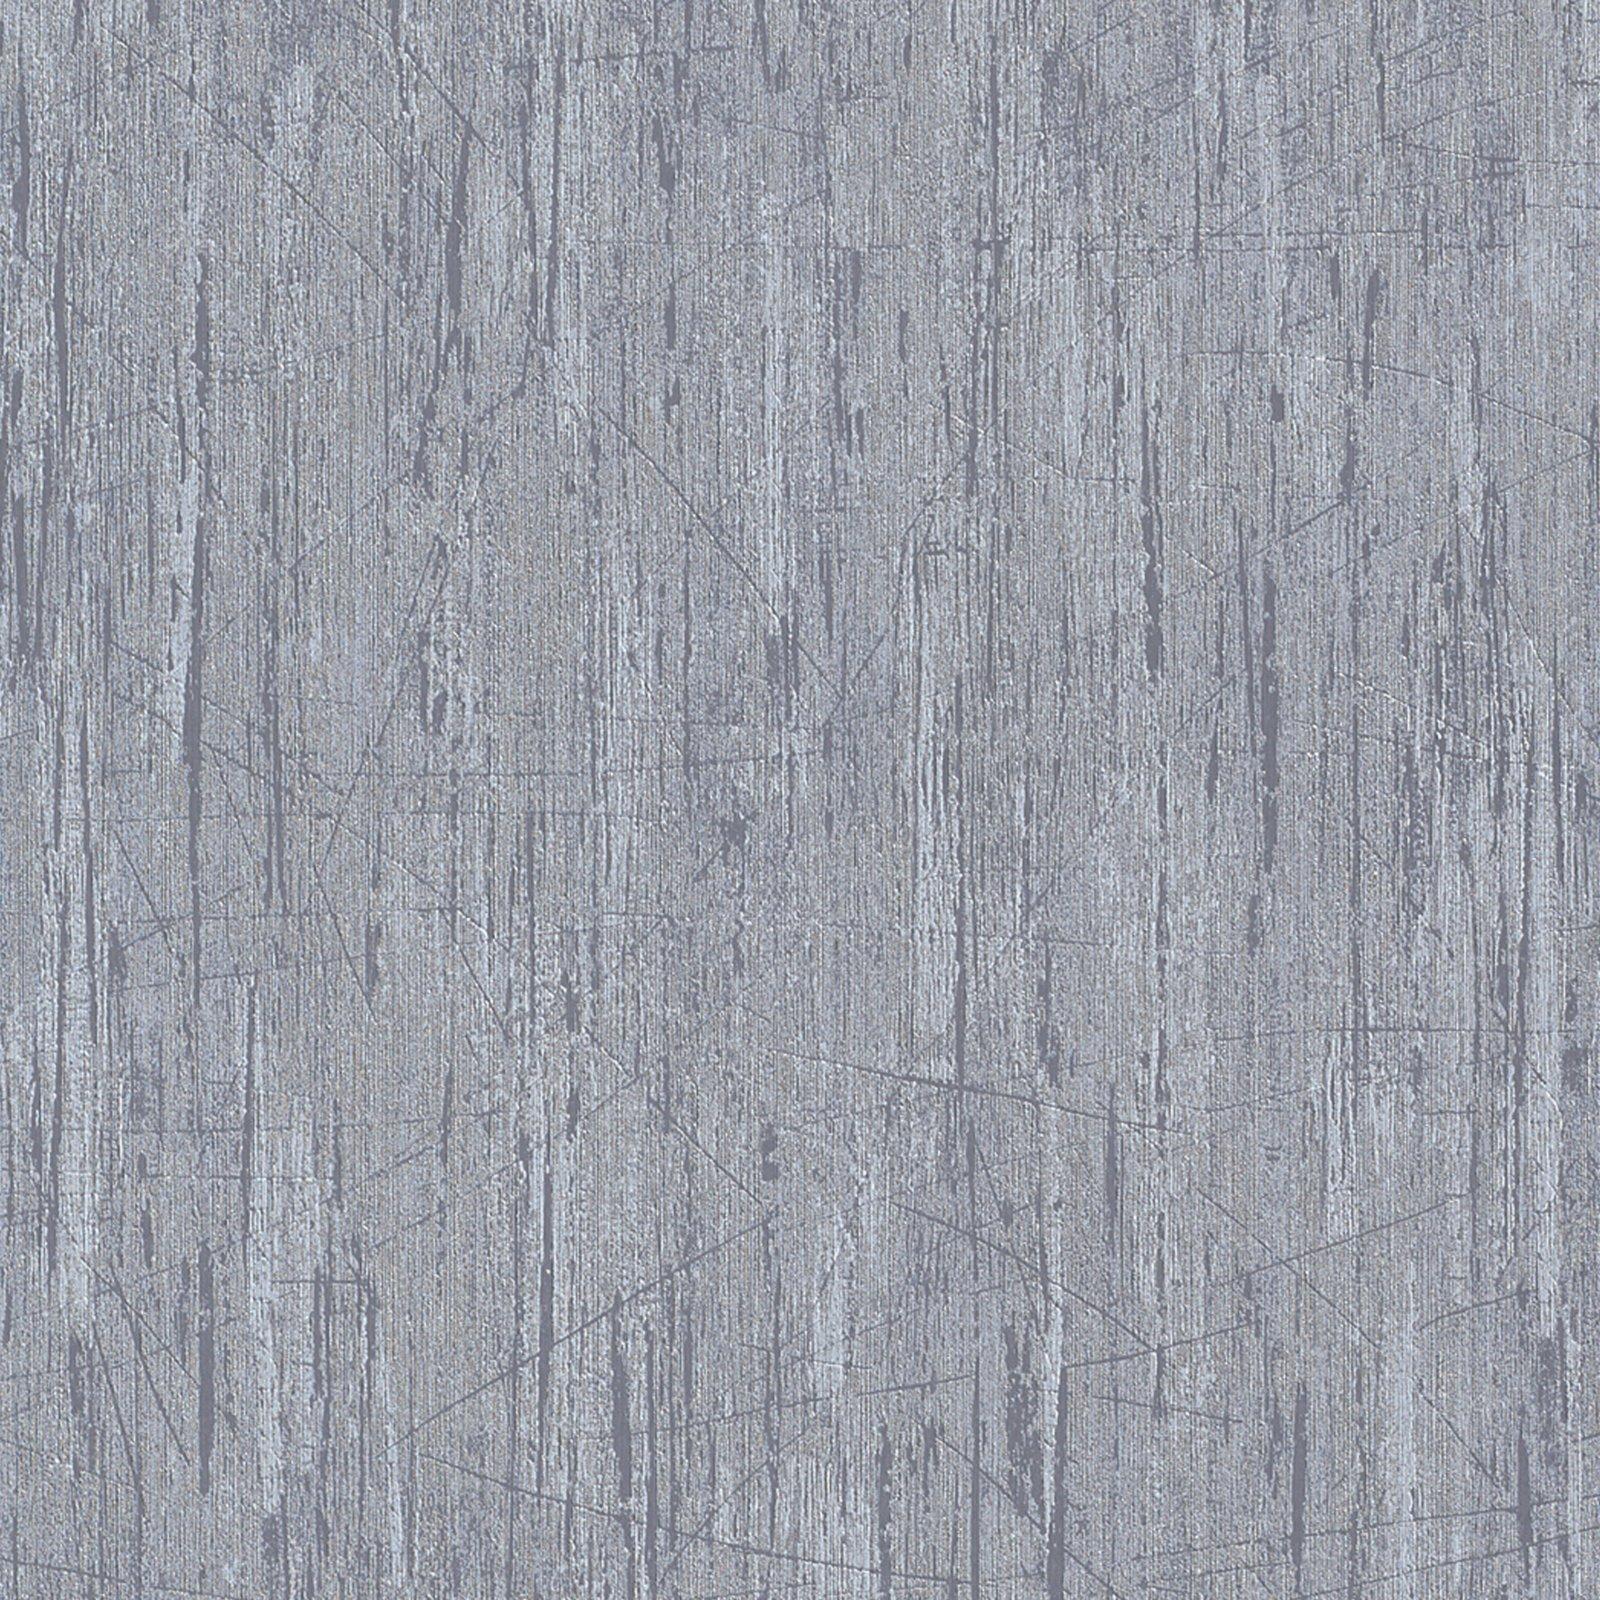 Vliestapete silber grau 10 meter vliestapeten for Roller tapeten